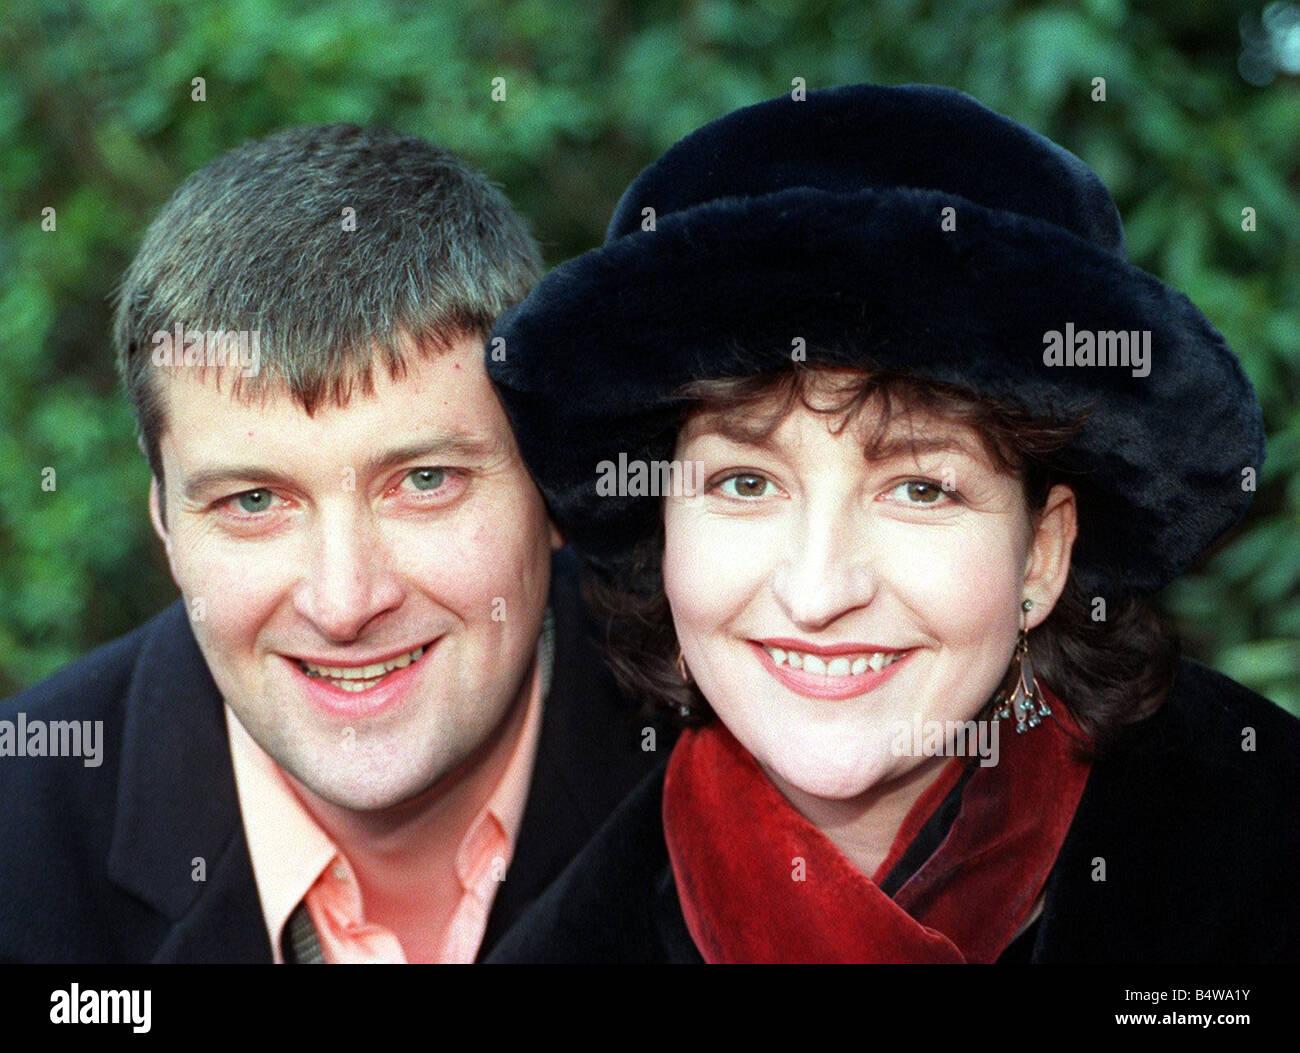 Blythe Duff (born 1962) Blythe Duff (born 1962) new foto